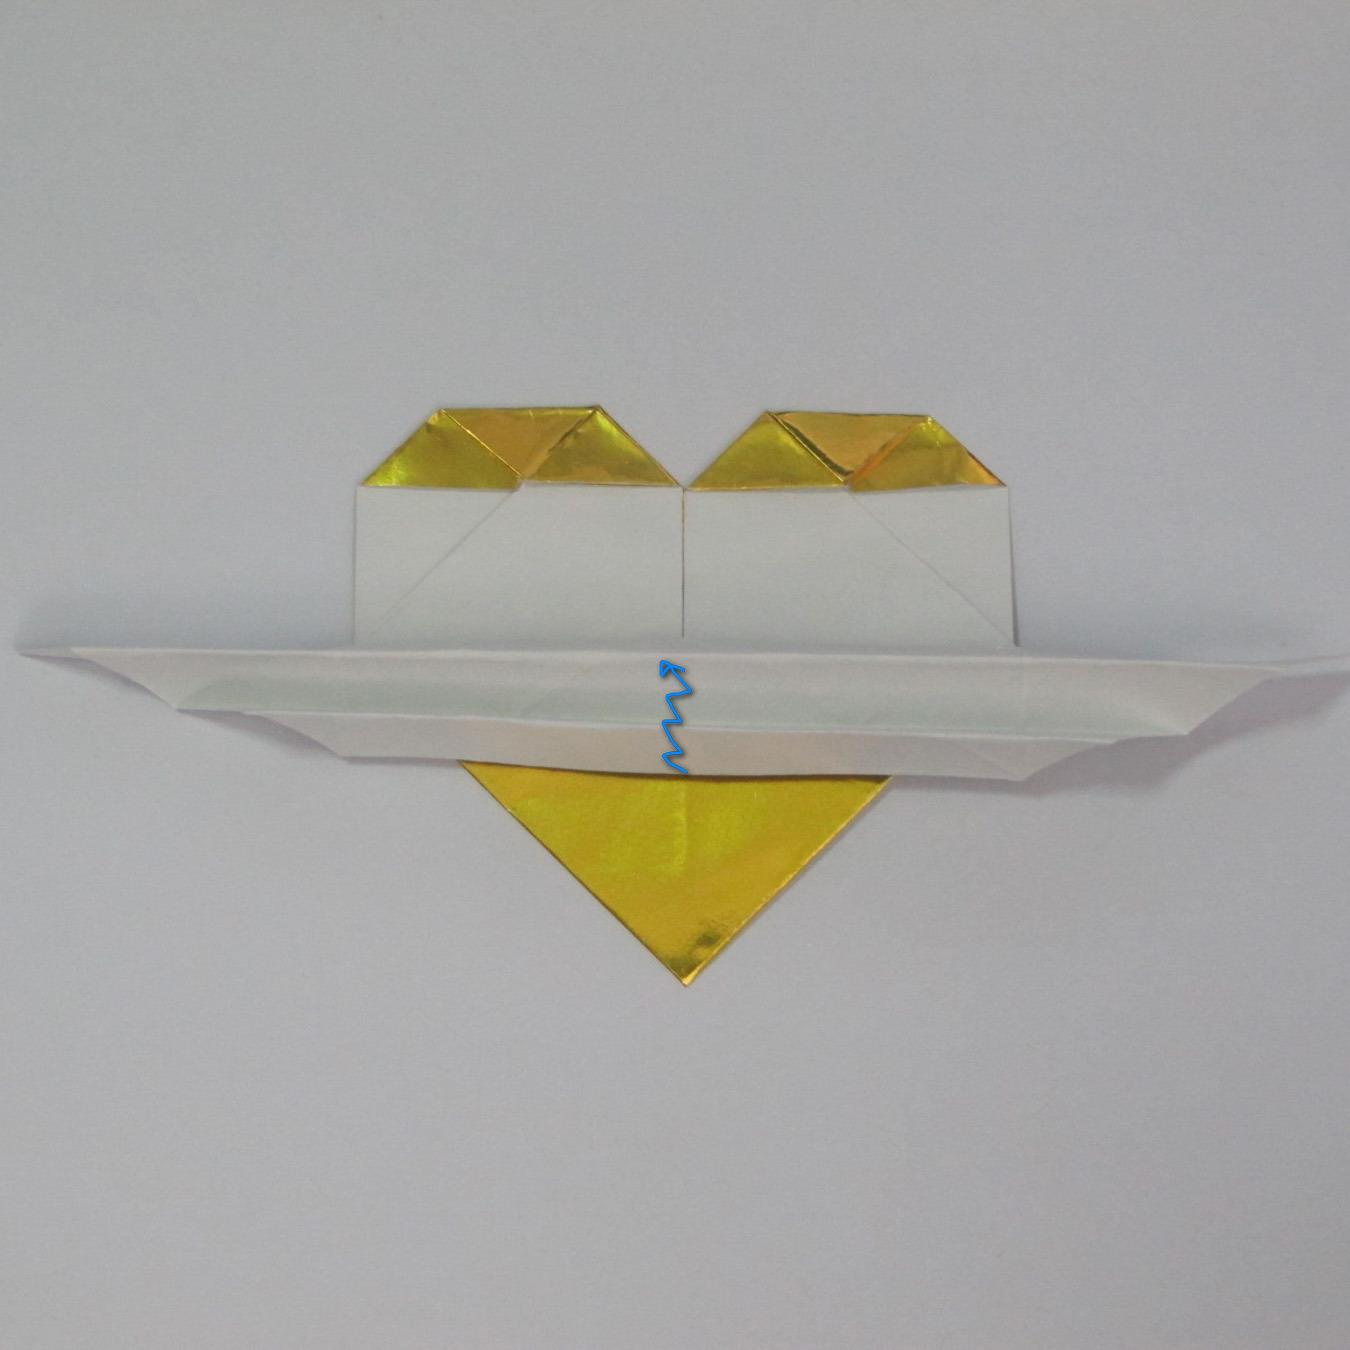 วิธีพับกระดาษเป็นรูปหัวใจติดปีก (Heart Wing Origami) 023